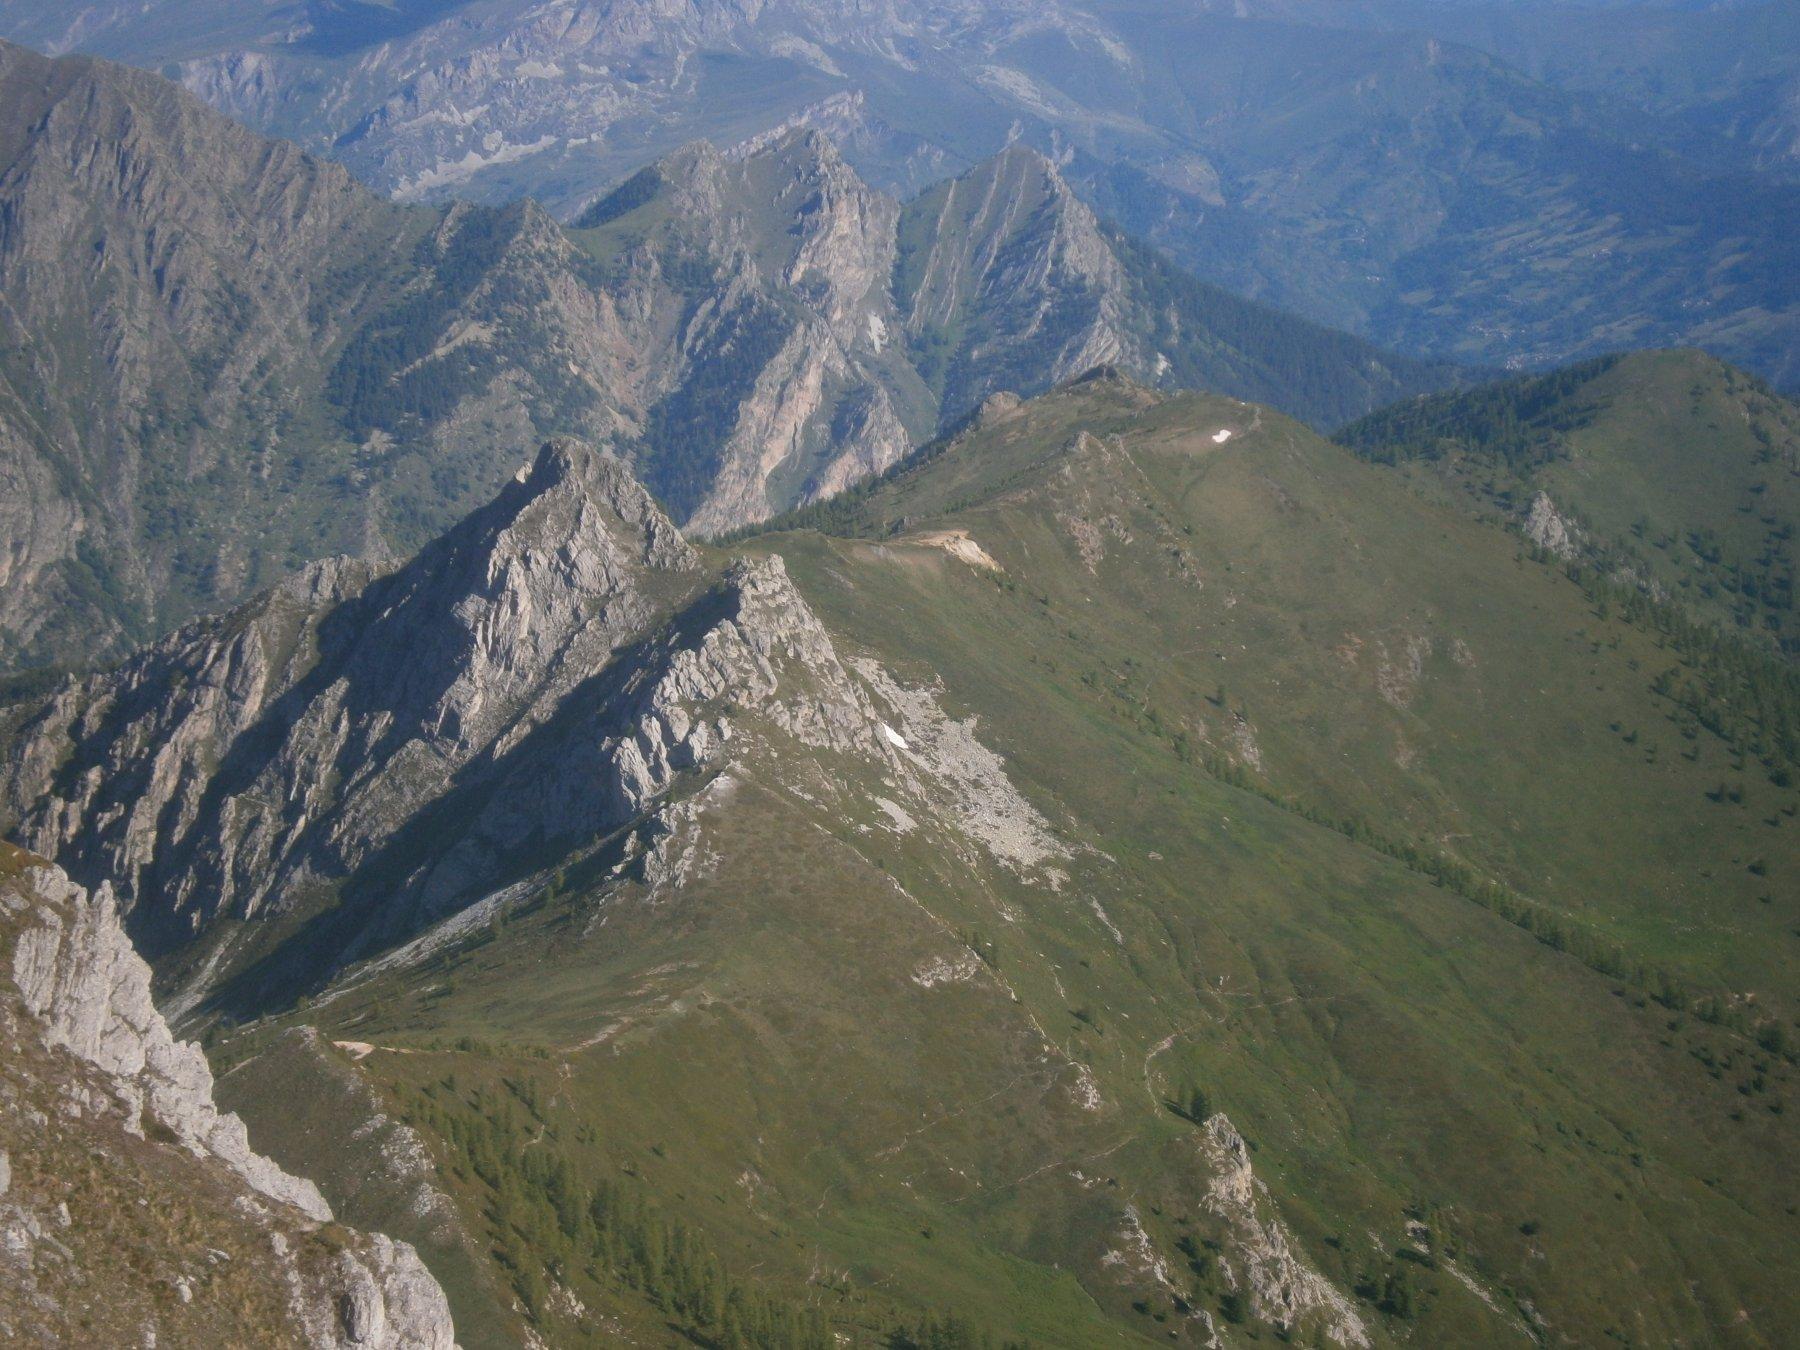 Lì sotto, la rocca dell'Aquila